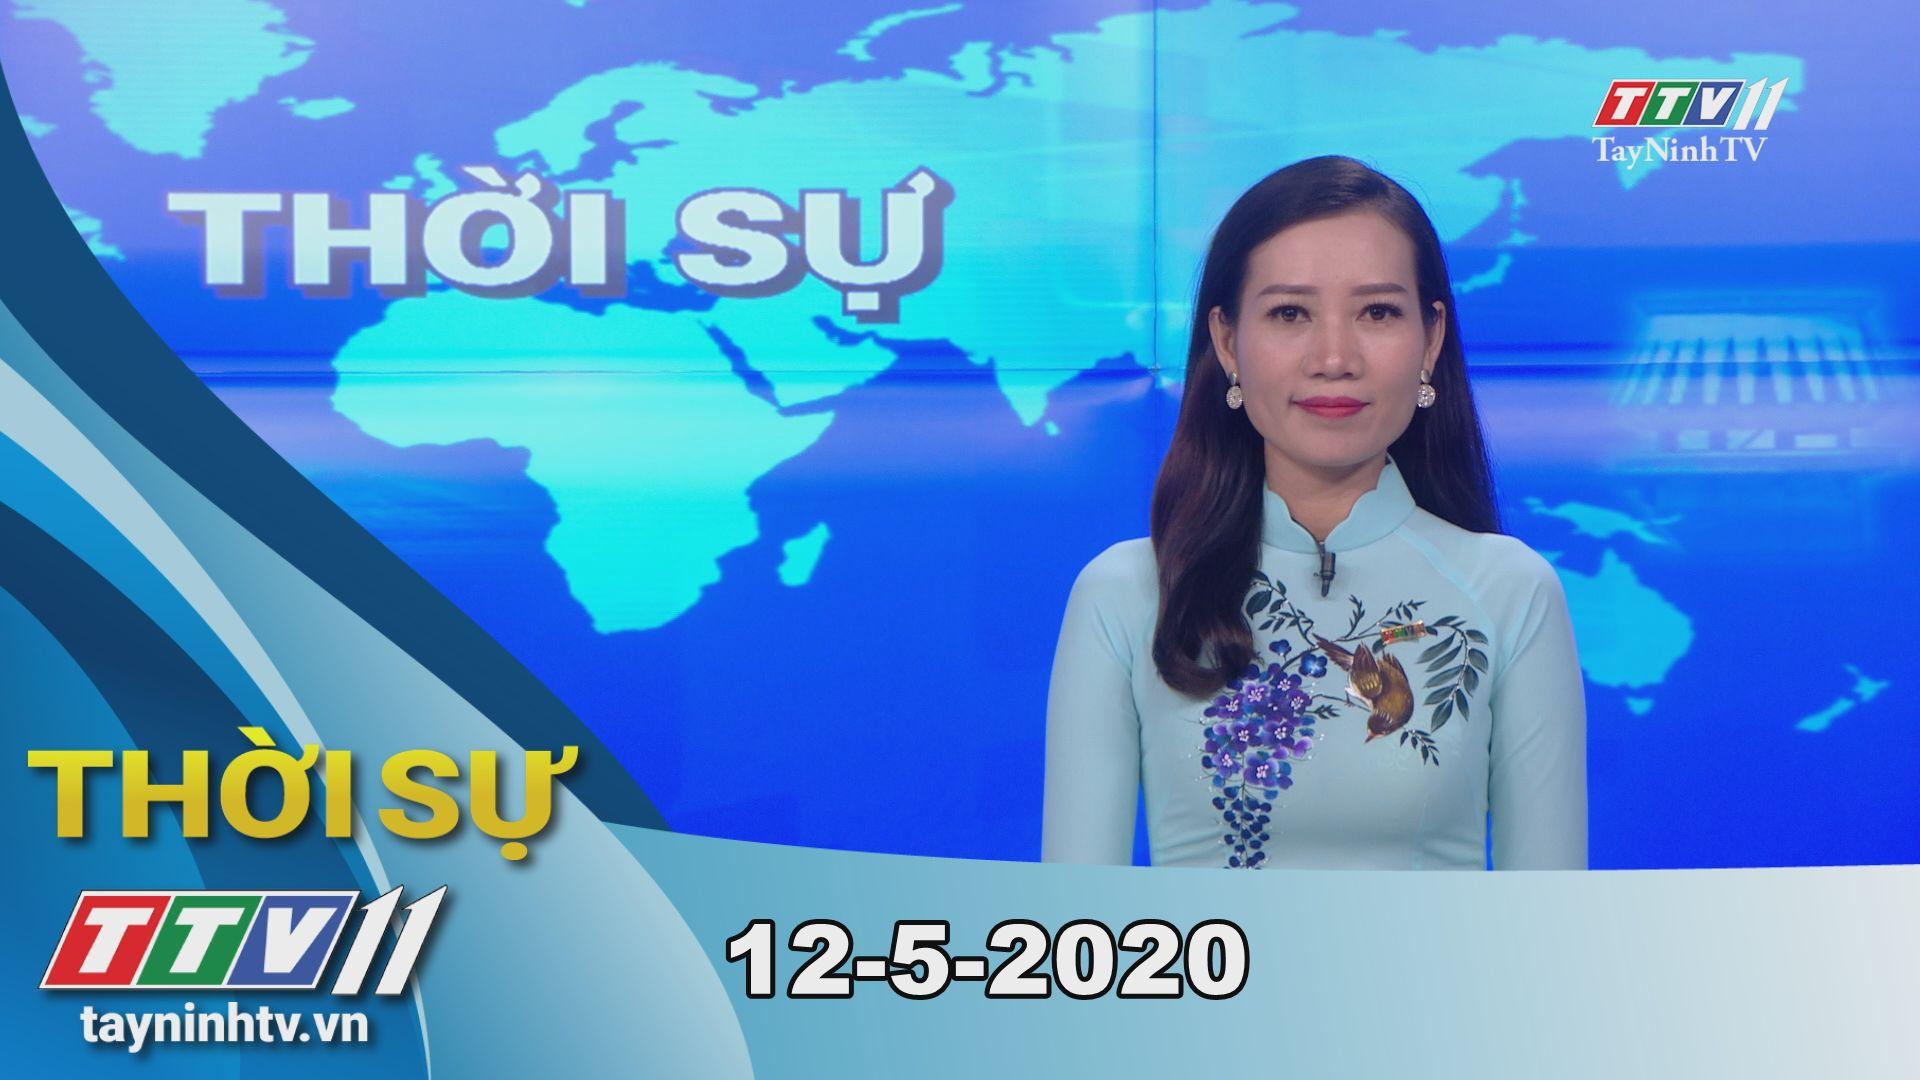 Thời sự Tây Ninh 12-5-2020 | Tin tức hôm nay | TayNinhTV